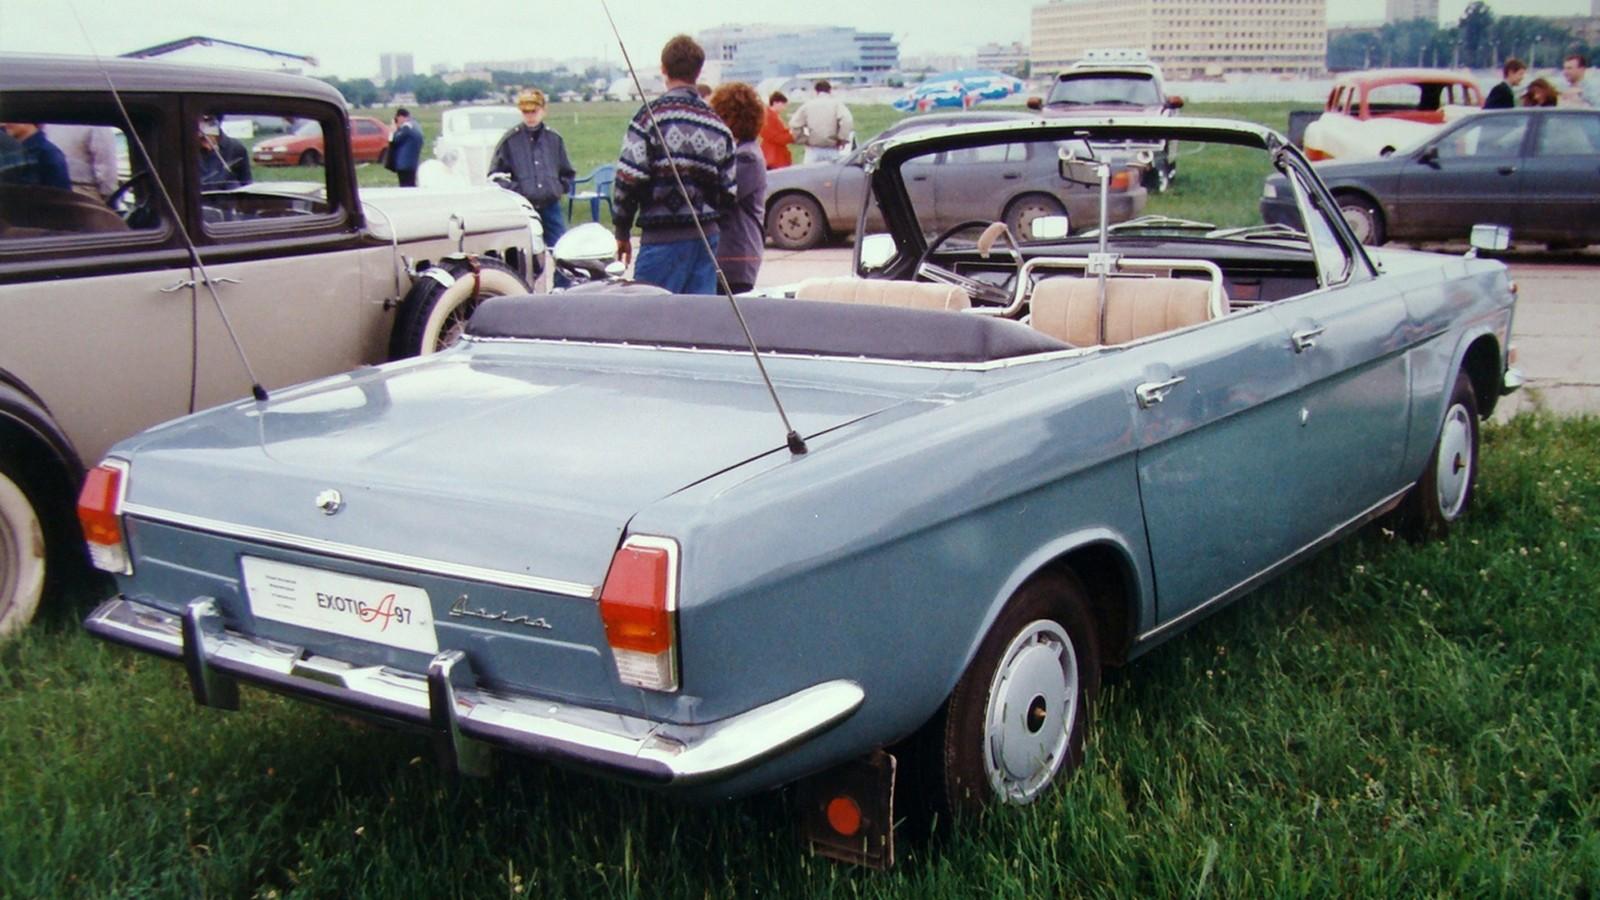 Парадный вариант серийного легкового автомобиля ГАЗ-24 «Волга» (фото автора)